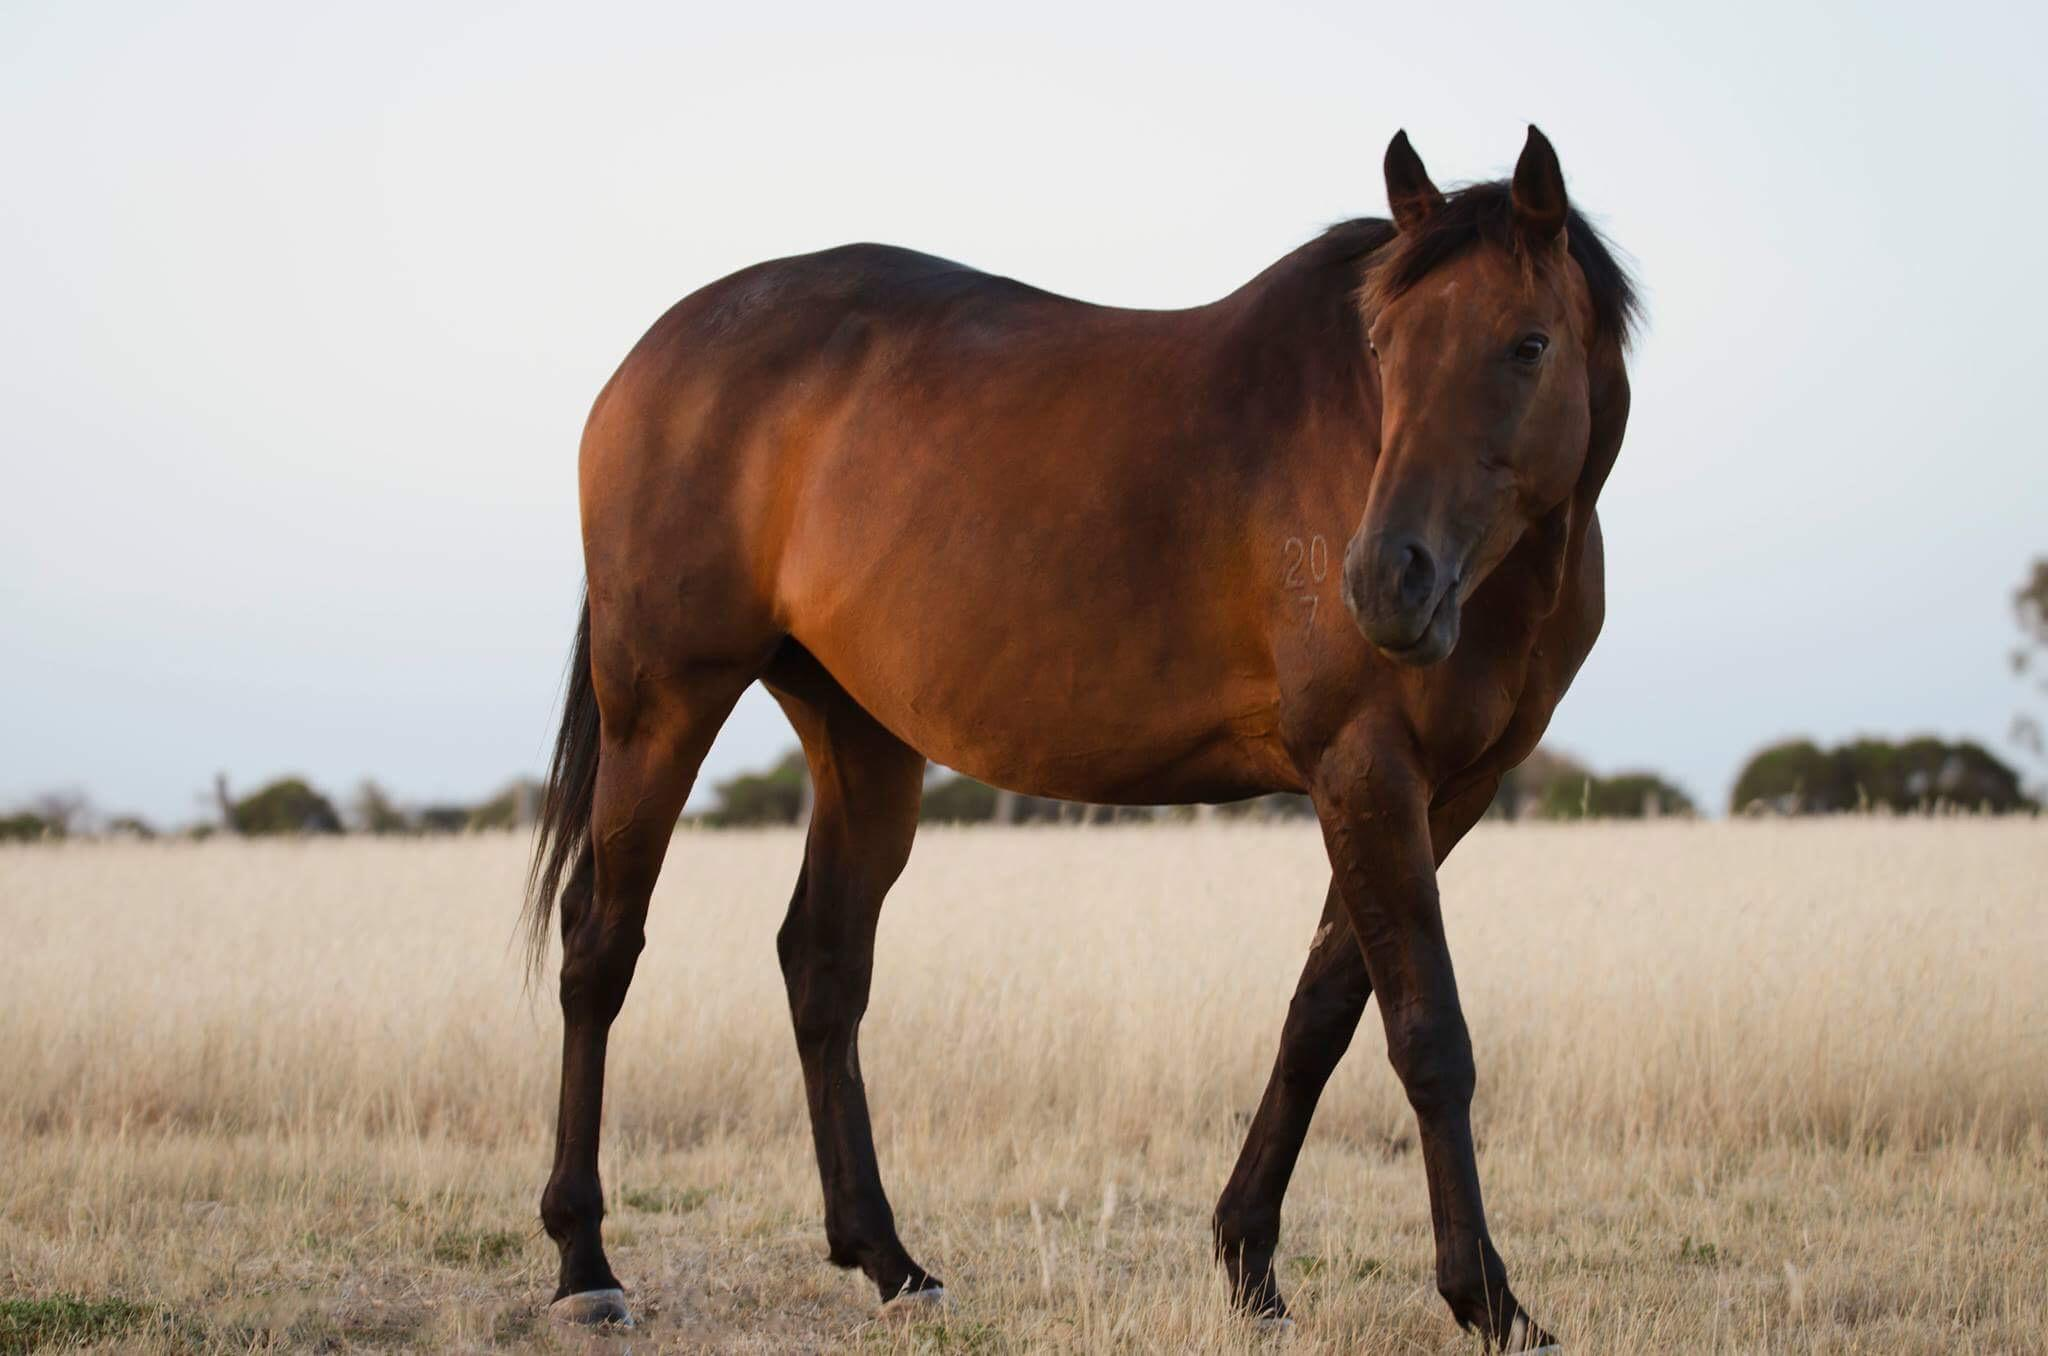 Bay TB mare